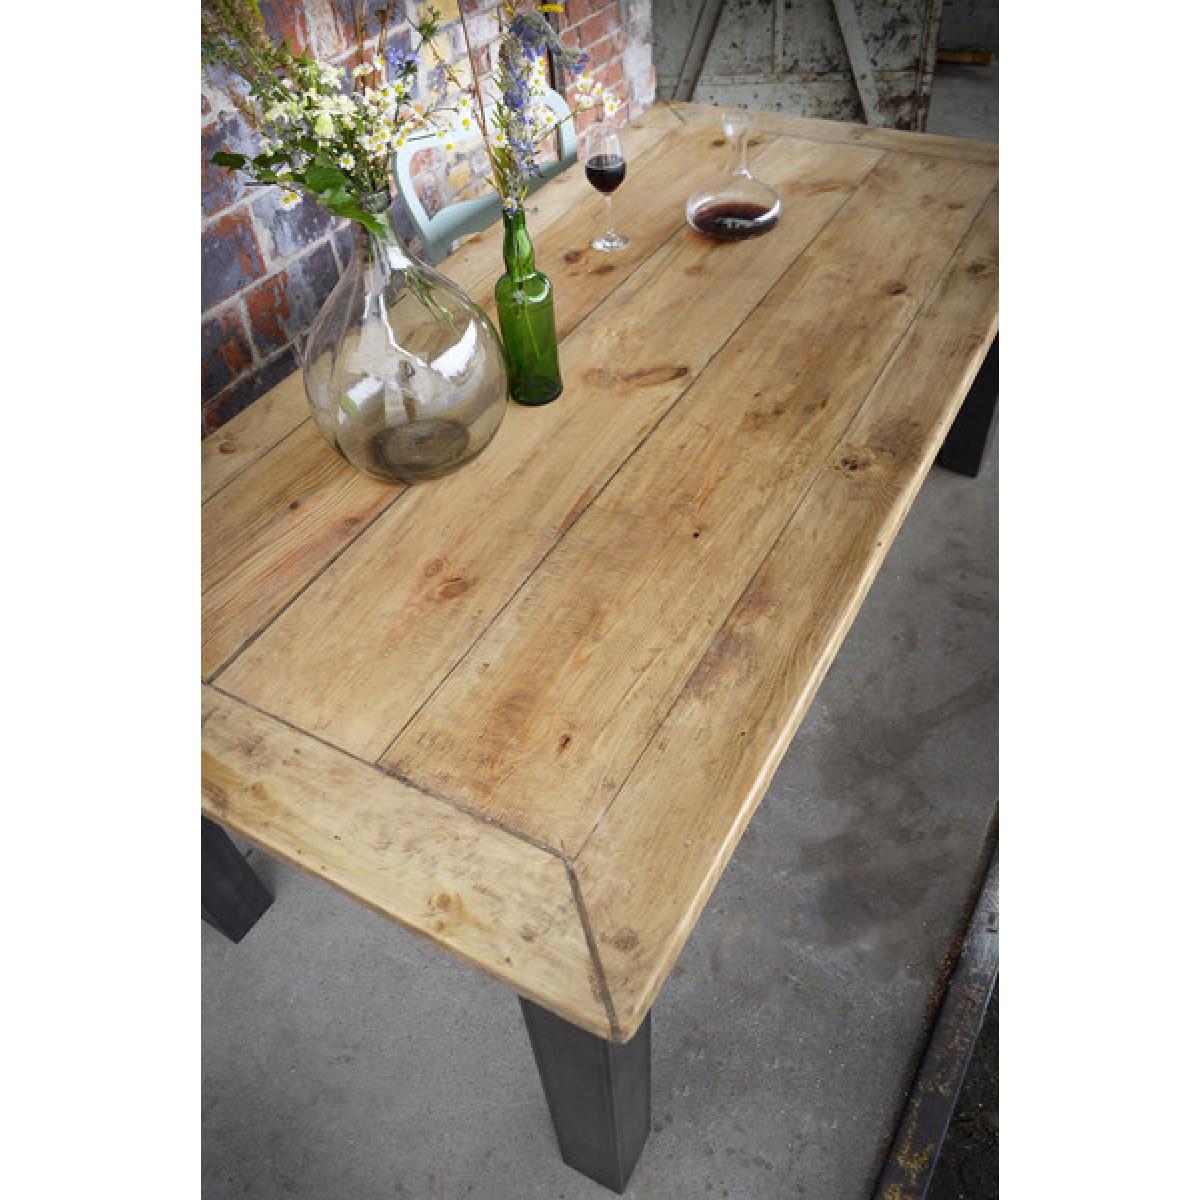 Esstisch aus Bauholz & Eisen Arles 180x96cm